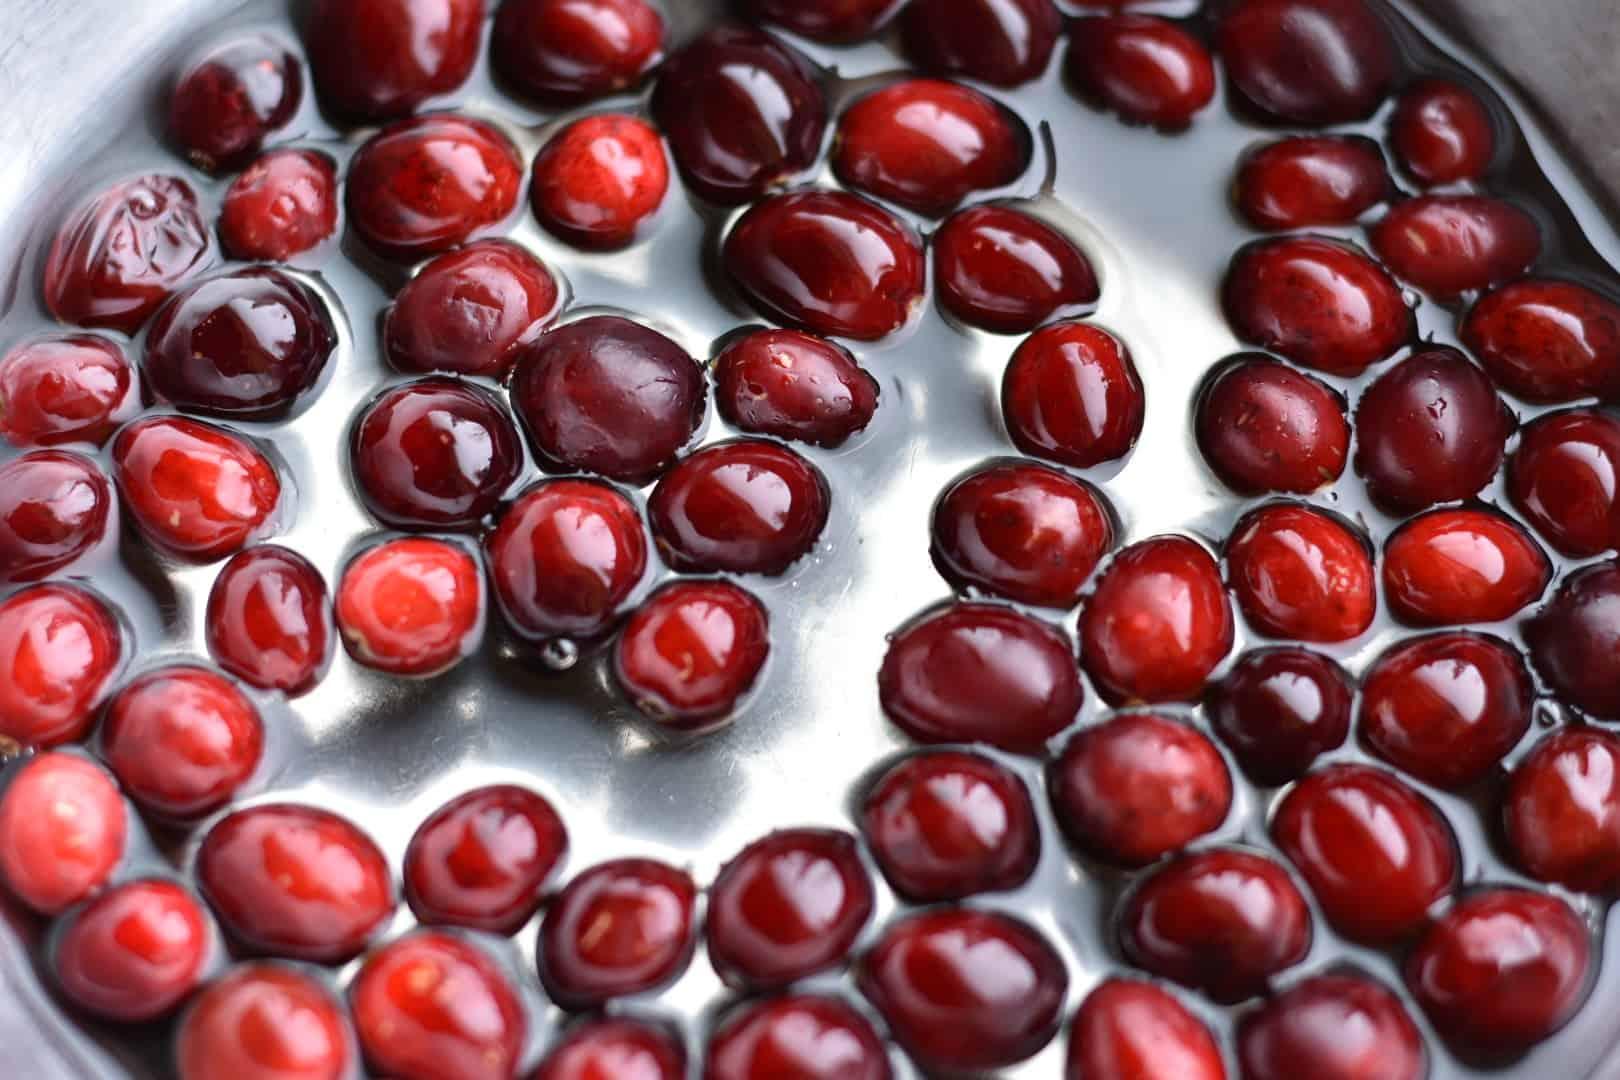 closeup of cranberries in sugar water